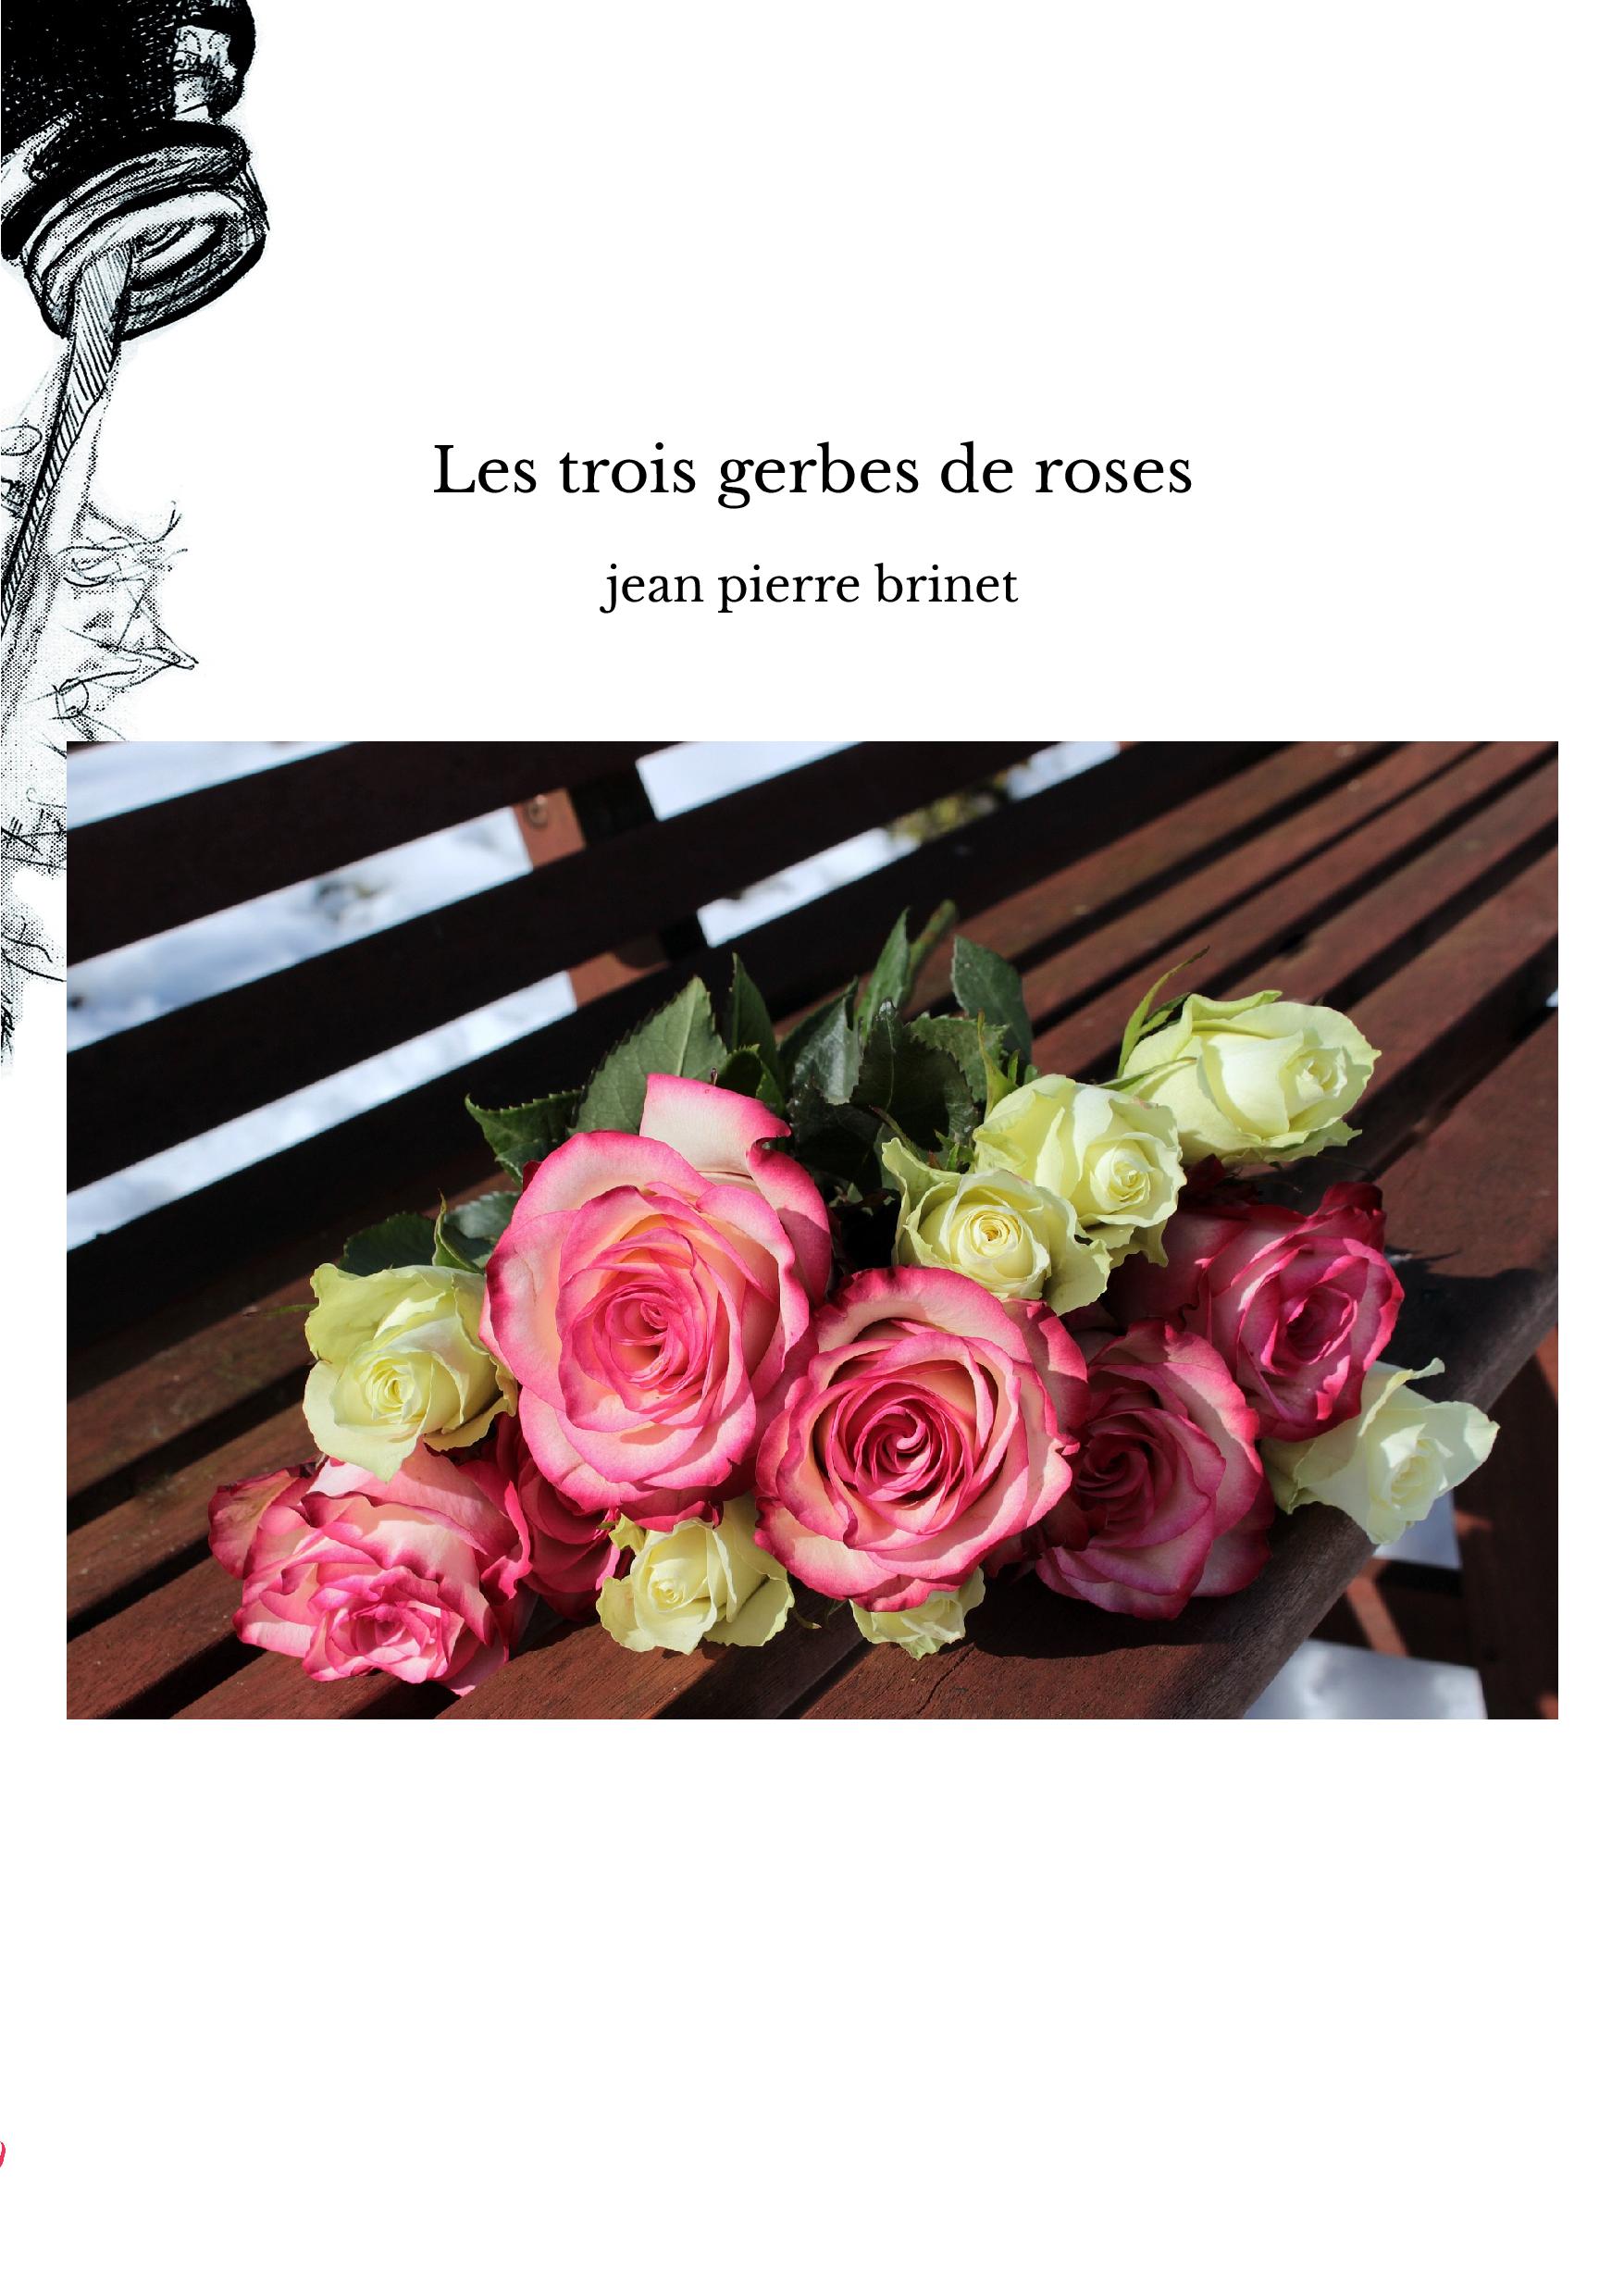 Les trois gerbes de roses